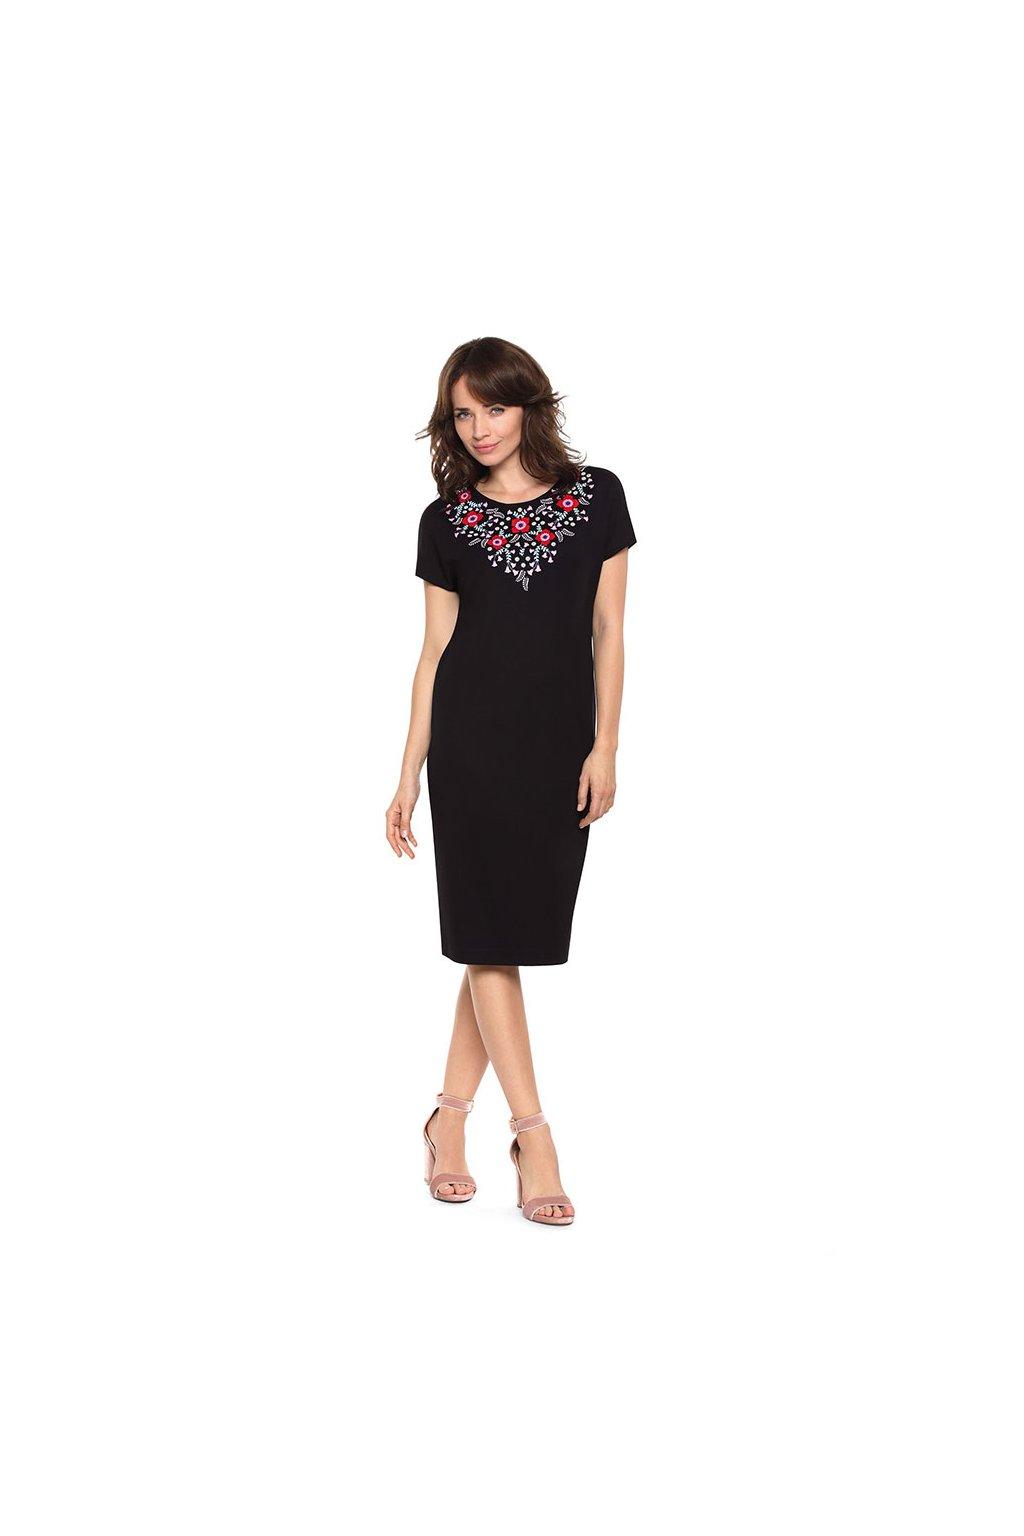 Dámské šaty s krátkým rukávem, 10599 29, černá